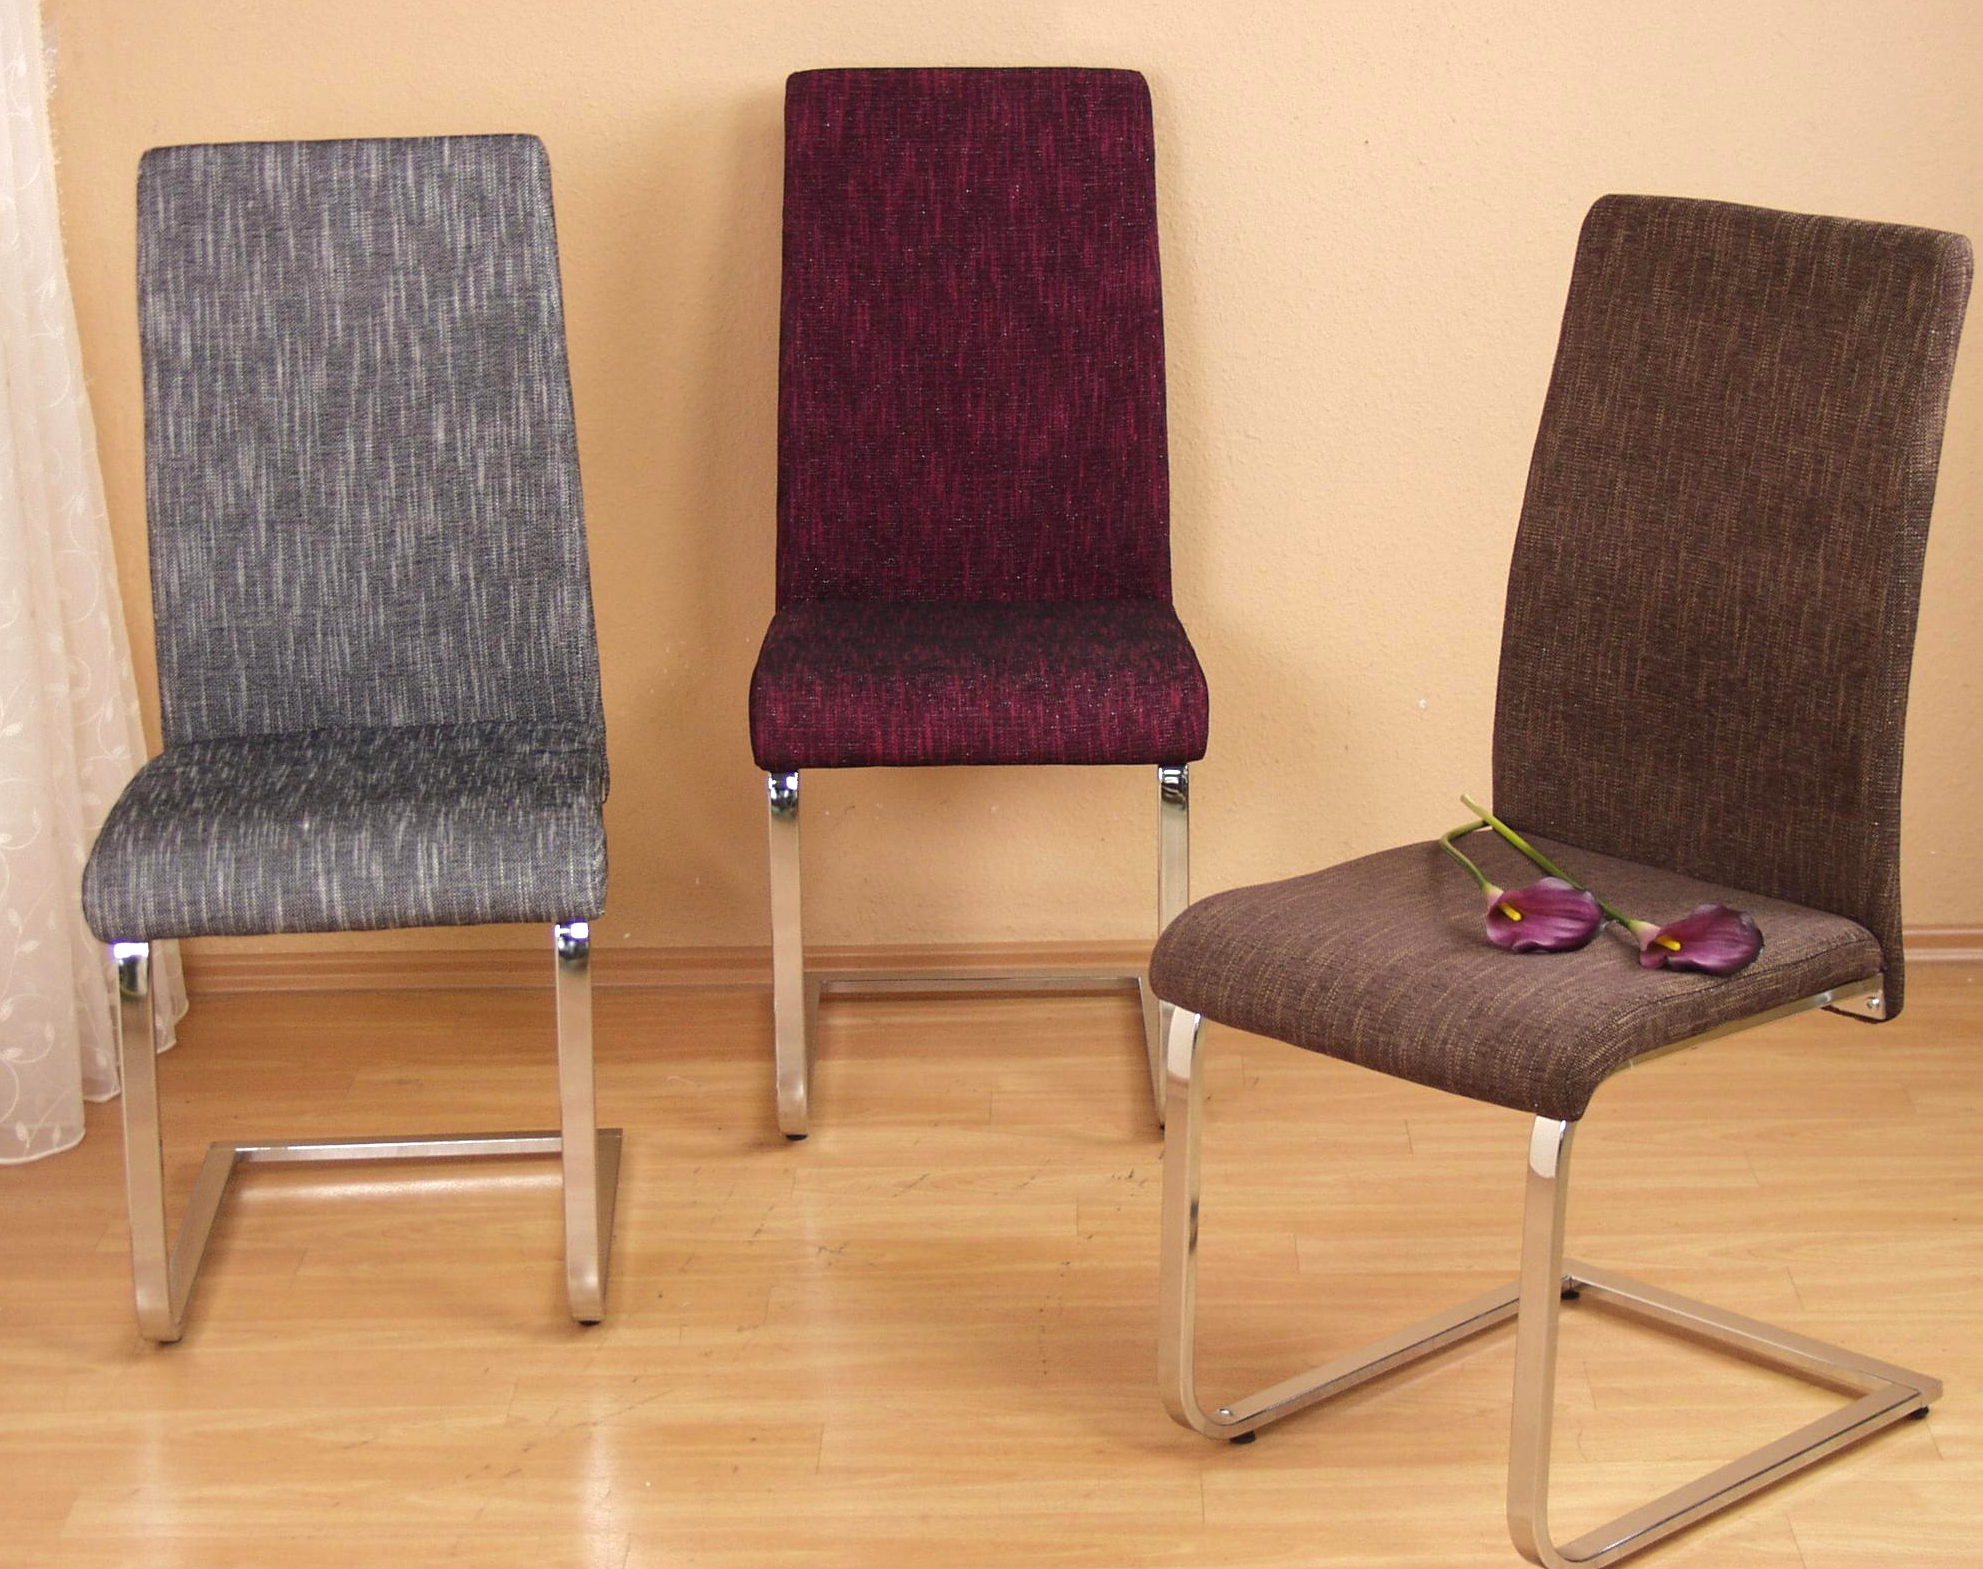 2 x stuhl st hle esszimmerst hle schwingstuhl webstoff. Black Bedroom Furniture Sets. Home Design Ideas